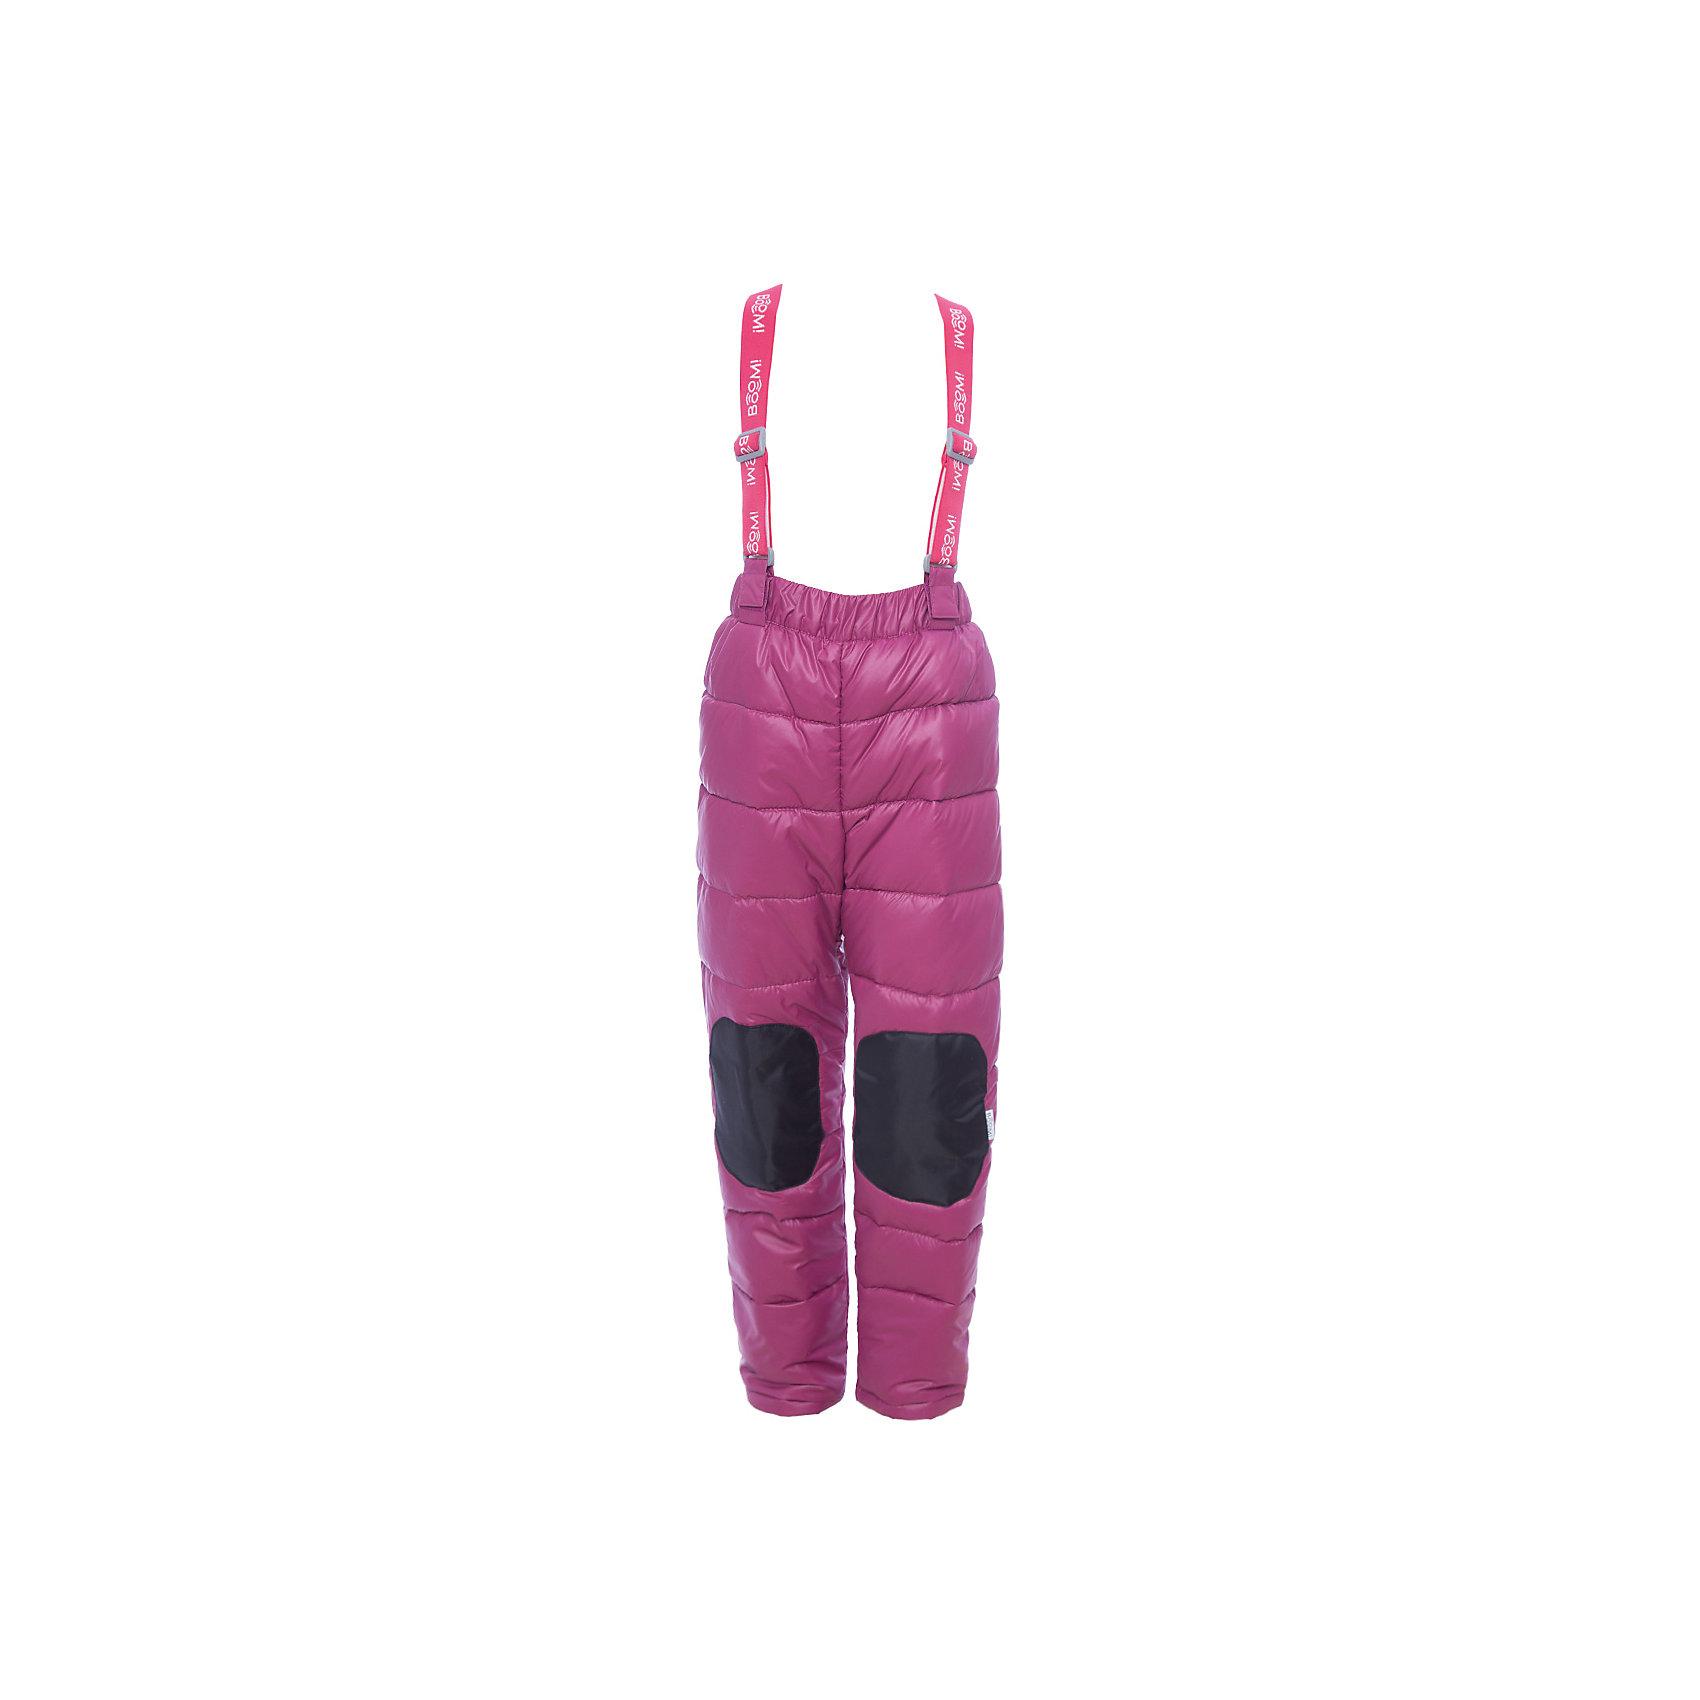 Полукомбинезон BOOM by Orby для девочкиВерхняя одежда<br>Характеристики товара:<br><br>• цвет: бордовый<br>• состав ткани: болонь pu milky<br>• подкладка: полиэстер пуходержащий<br>• утеплитель: эко синтепон<br>• сезон: зима<br>• температурный режим: от 0 до -30С<br>• плотность утеплителя: 200 г/м2<br>• пояс: резинка<br>• страна бренда: Россия<br>• страна изготовитель: Россия<br><br>Теплый зимний полукомбинезон для ребенка поможет комфортно одеться в холодную погоду. Плотная ткань и утеплитель зимнего полукомбинезона защитят ребенка от холодного воздуха. Теплый полукомбинезон стильно смотрится и комфортно сидит. Детский полукомбинезон имеет удобную застежку. <br><br>Полукомбинезон для девочки BOOM by Orby (Бум бай Орби) можно купить в нашем интернет-магазине.<br><br>Ширина мм: 215<br>Глубина мм: 88<br>Высота мм: 191<br>Вес г: 336<br>Цвет: красный<br>Возраст от месяцев: 144<br>Возраст до месяцев: 156<br>Пол: Женский<br>Возраст: Детский<br>Размер: 158,80,86,92,98,104,110,116,122,128,134,140,146,152<br>SKU: 7090502